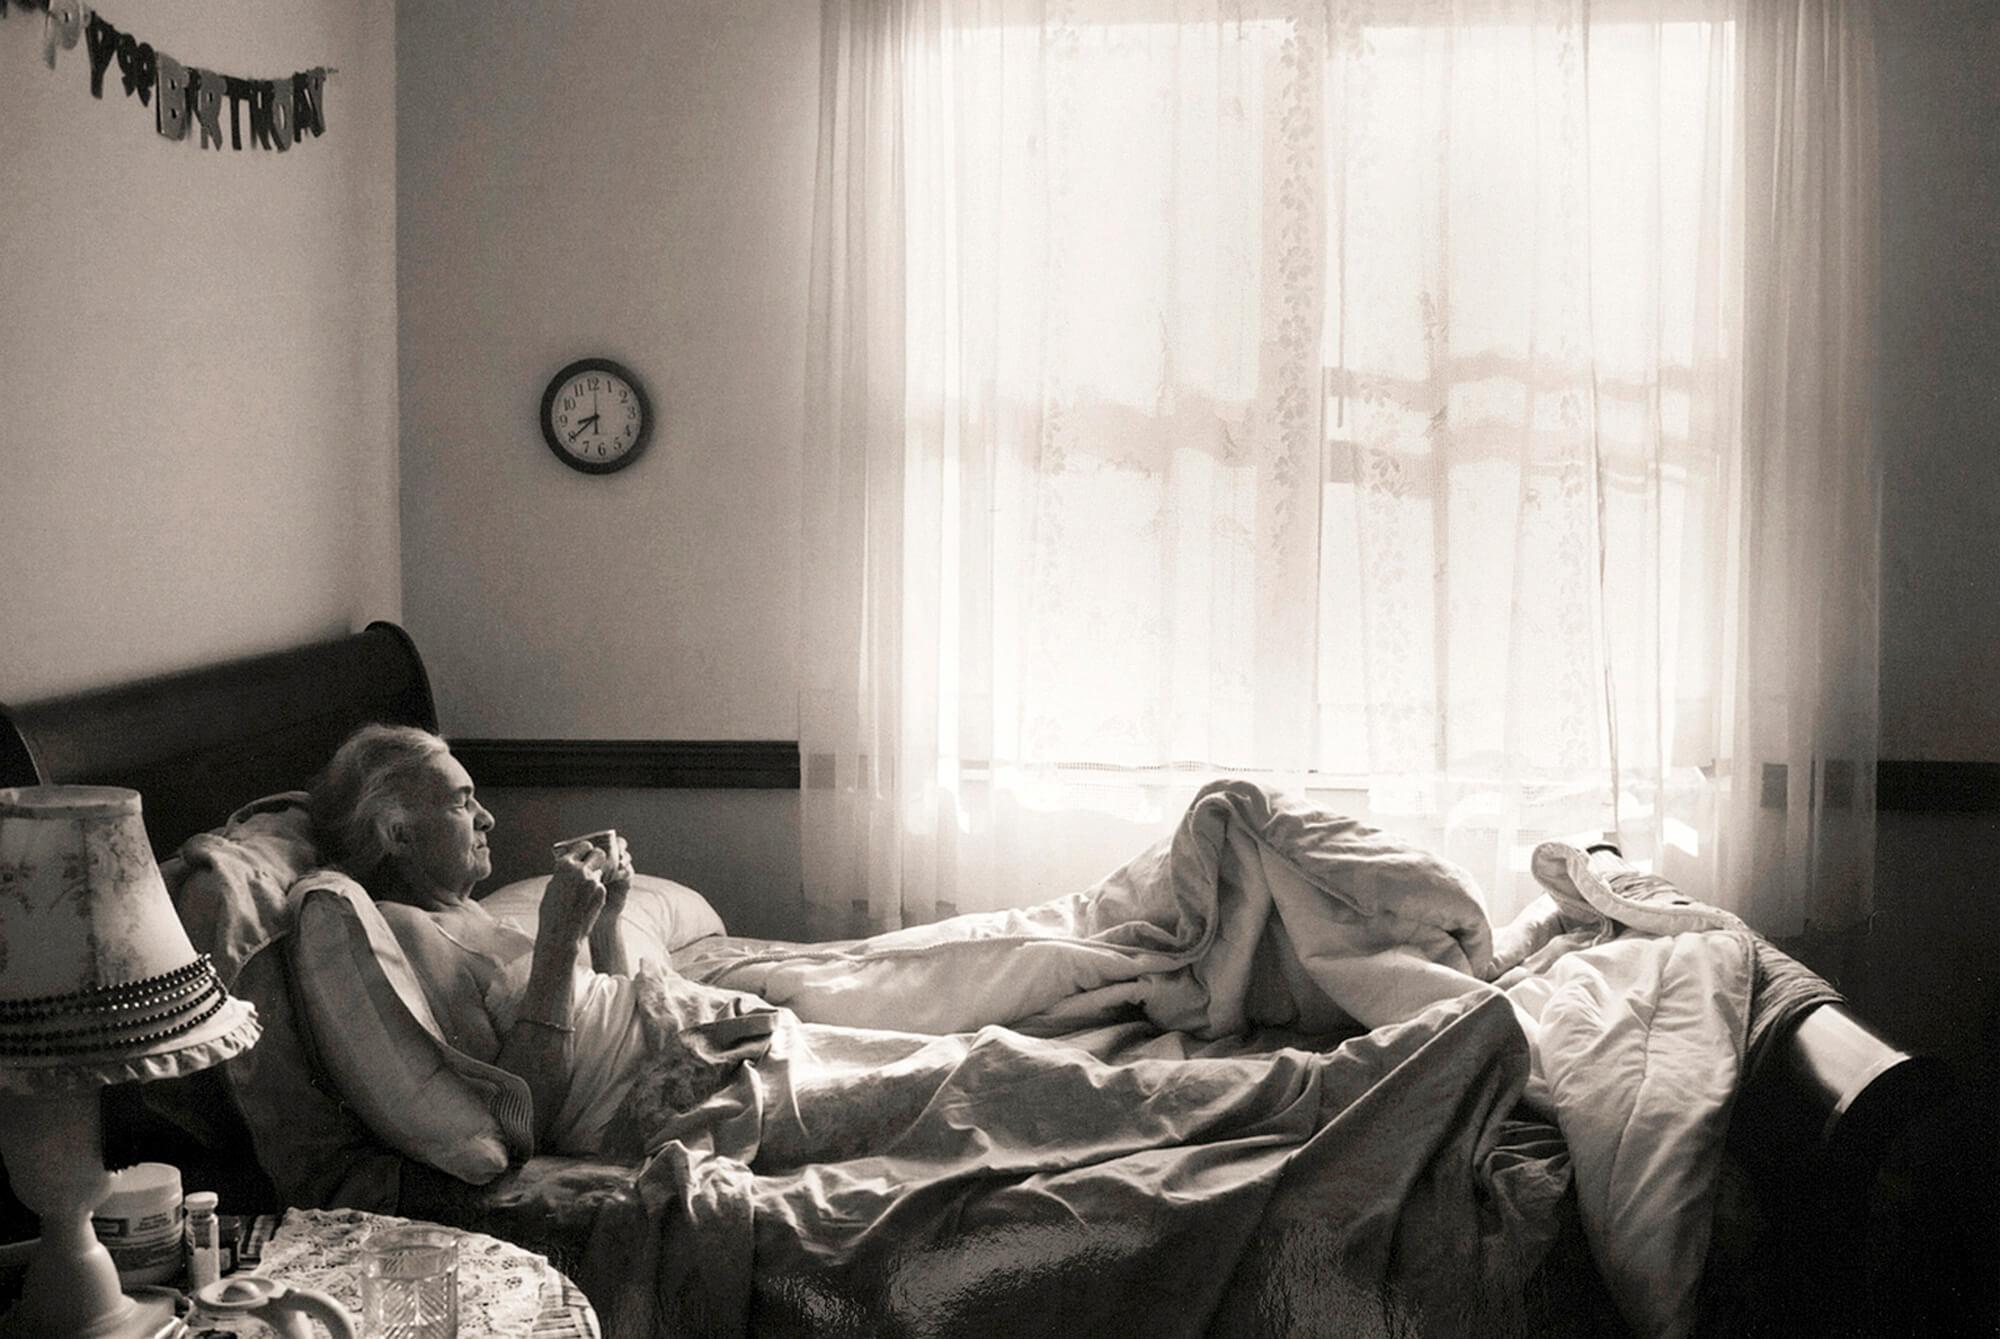 Steber_BREAKFAST-IN-BED_Madje-has-dementia